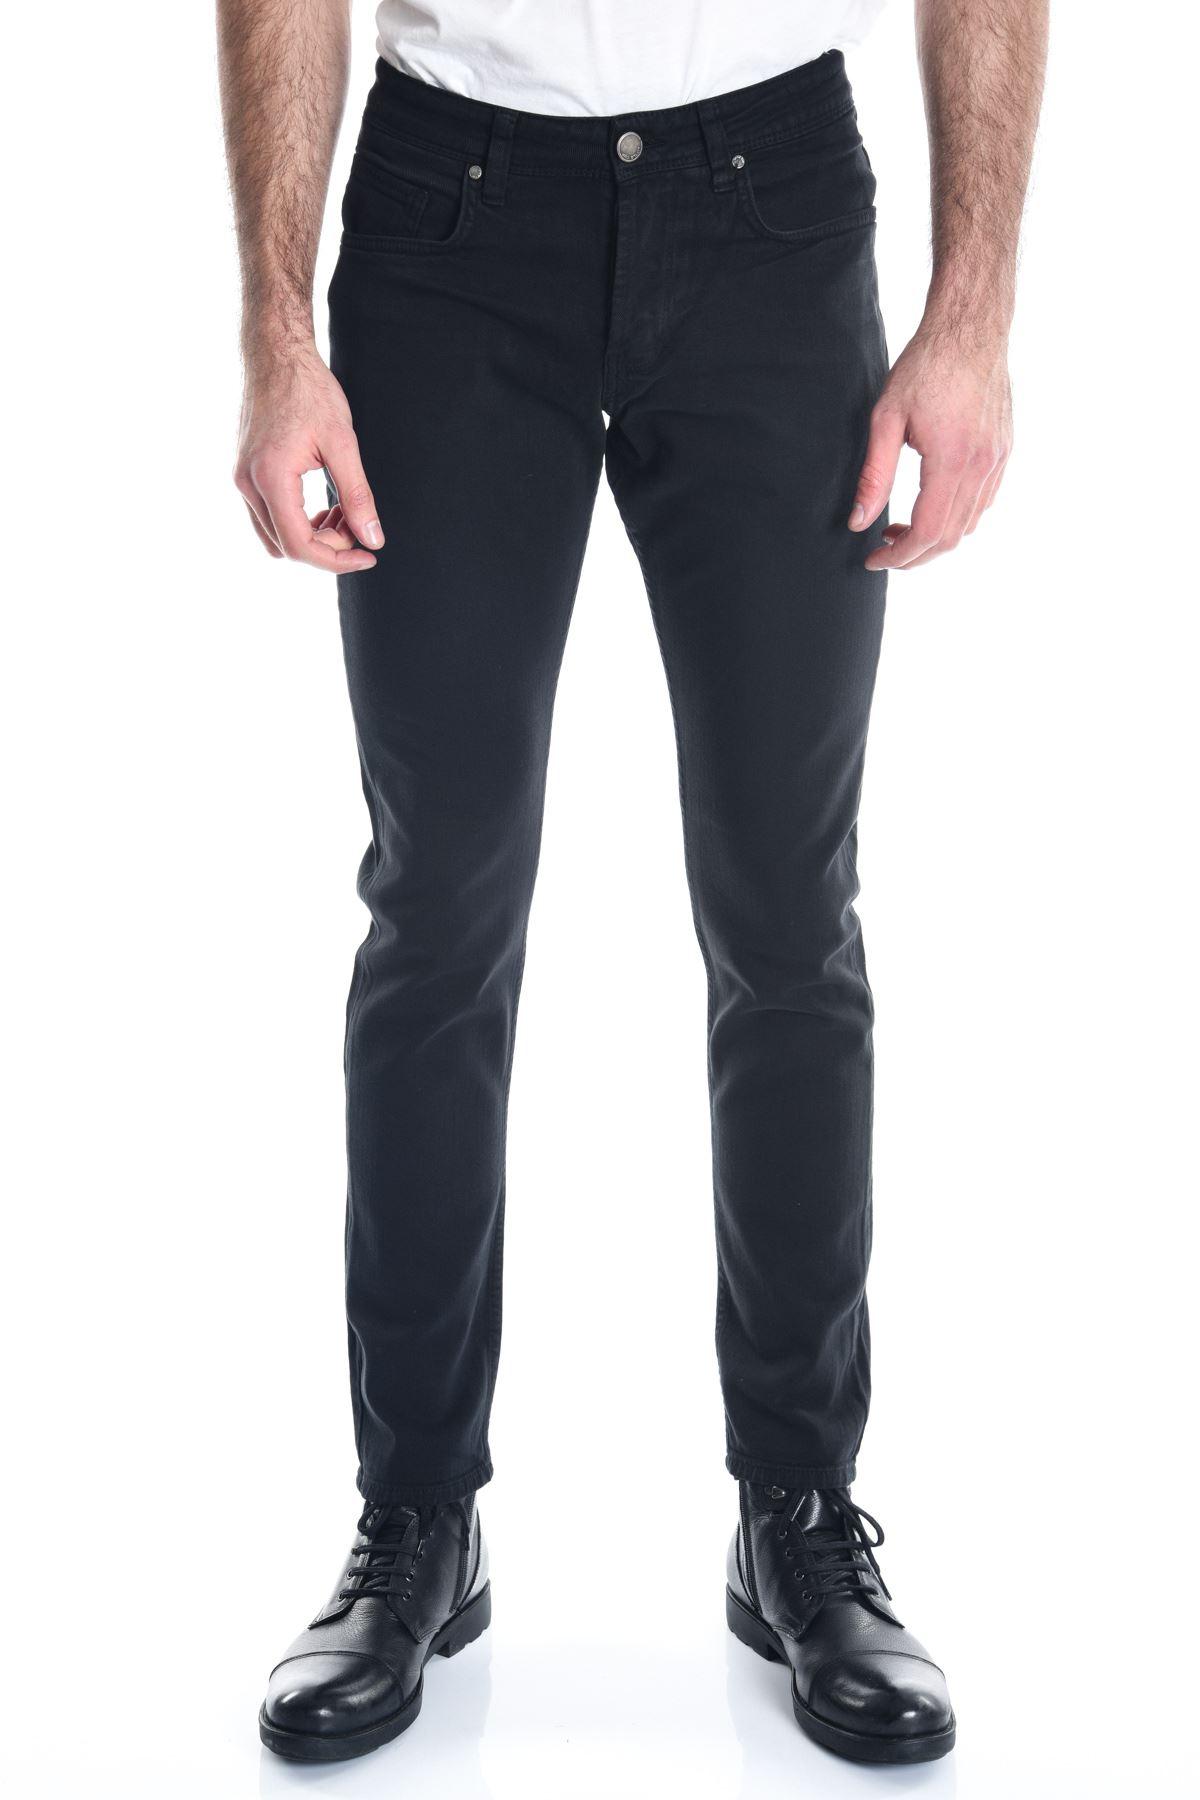 Siyah Sade Erkek Kot Pantolon